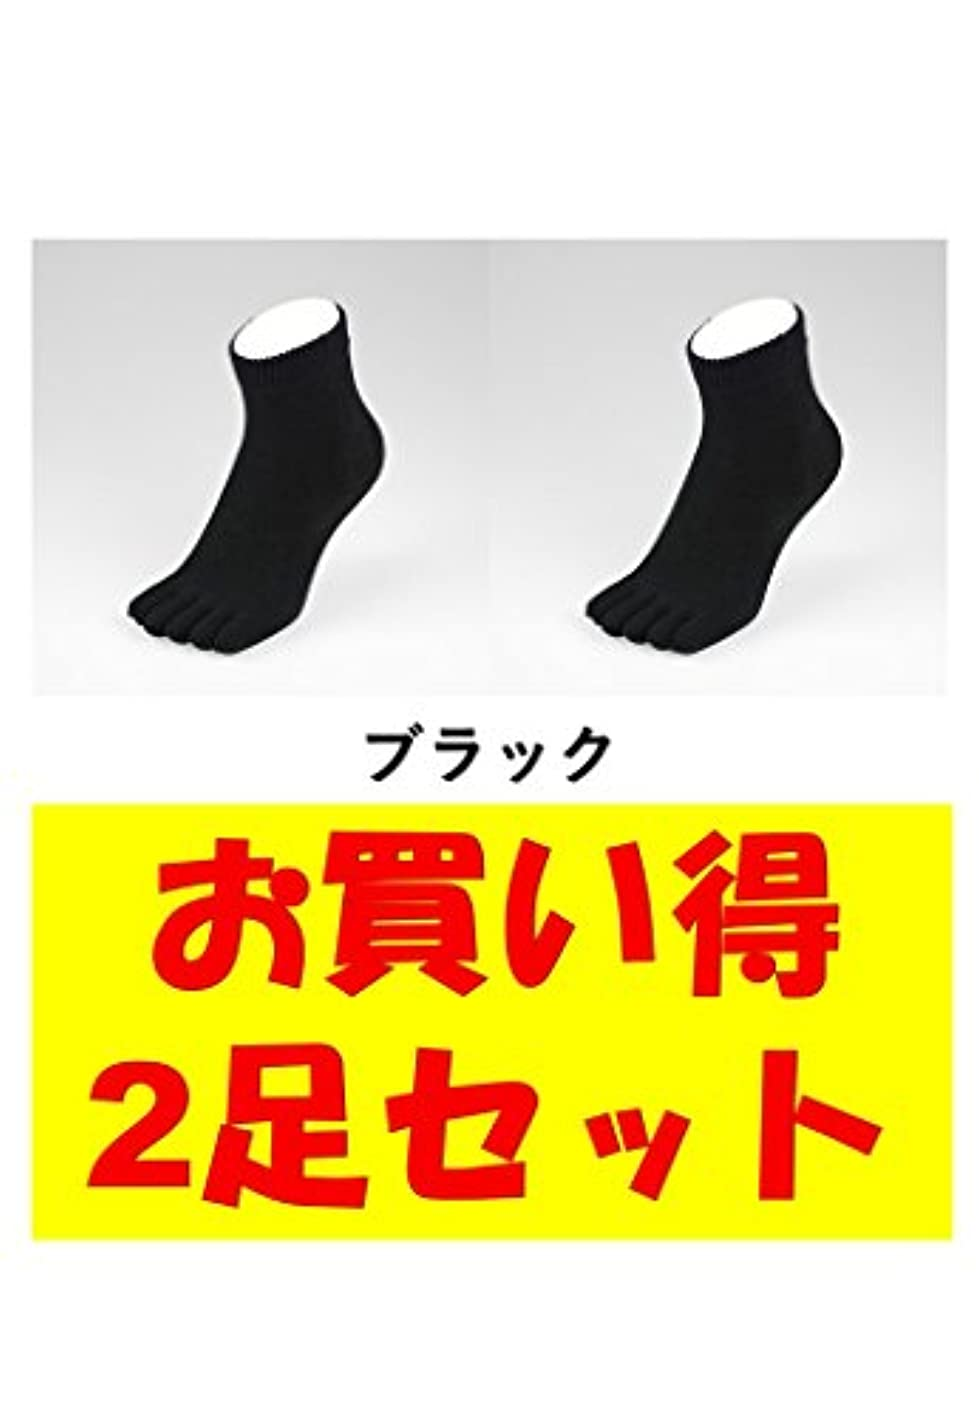 炎上静かな失礼お買い得2足セット 5本指 ゆびのばソックス Neo EVE(イヴ) ブラック iサイズ(23.5cm - 25.5cm) YSNEVE-BLK